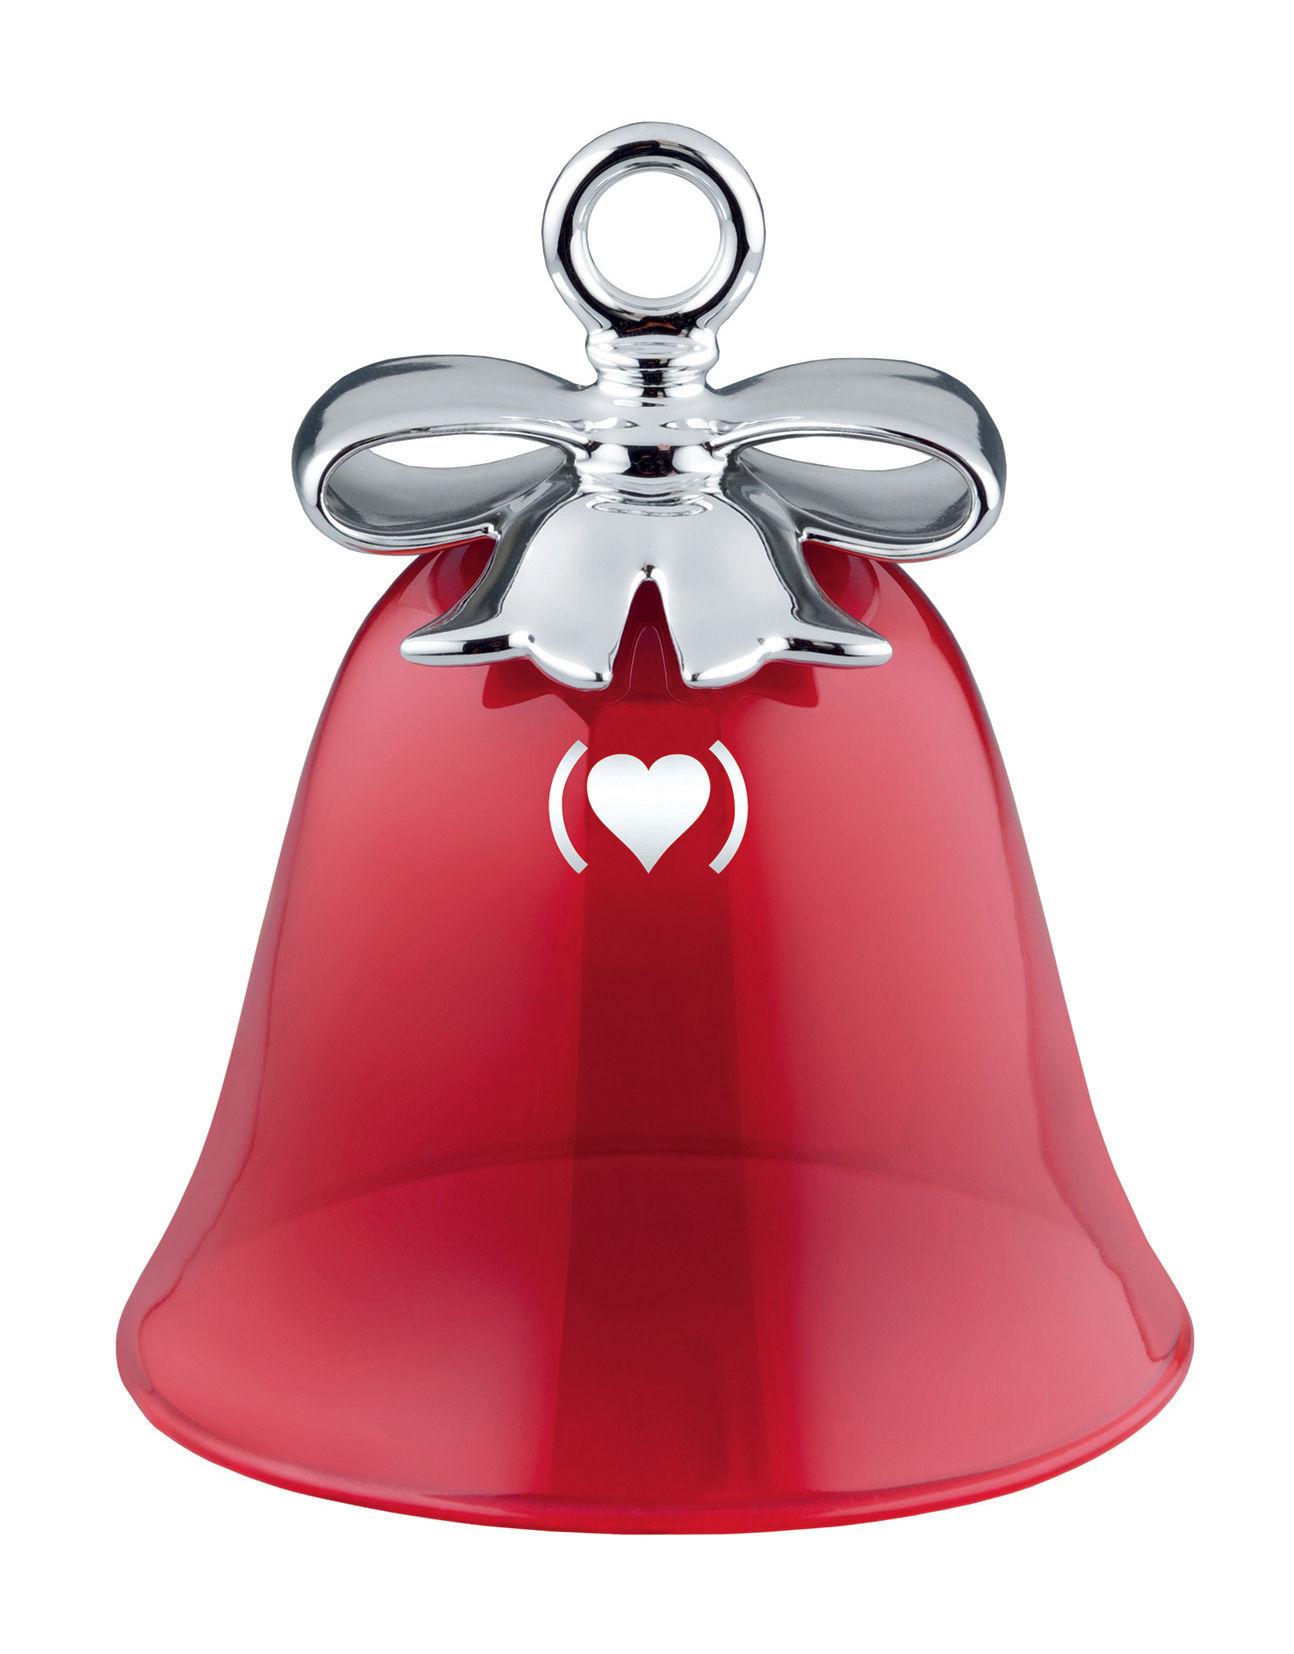 Déco - Objets déco et cadres-photos - Boule de Noël Dressed for X-mas - RED / Cloche - Edition spéciale - Alessi - Cloche / Argent & rouge - Porcelaine peinte, Verre soufflé coloré